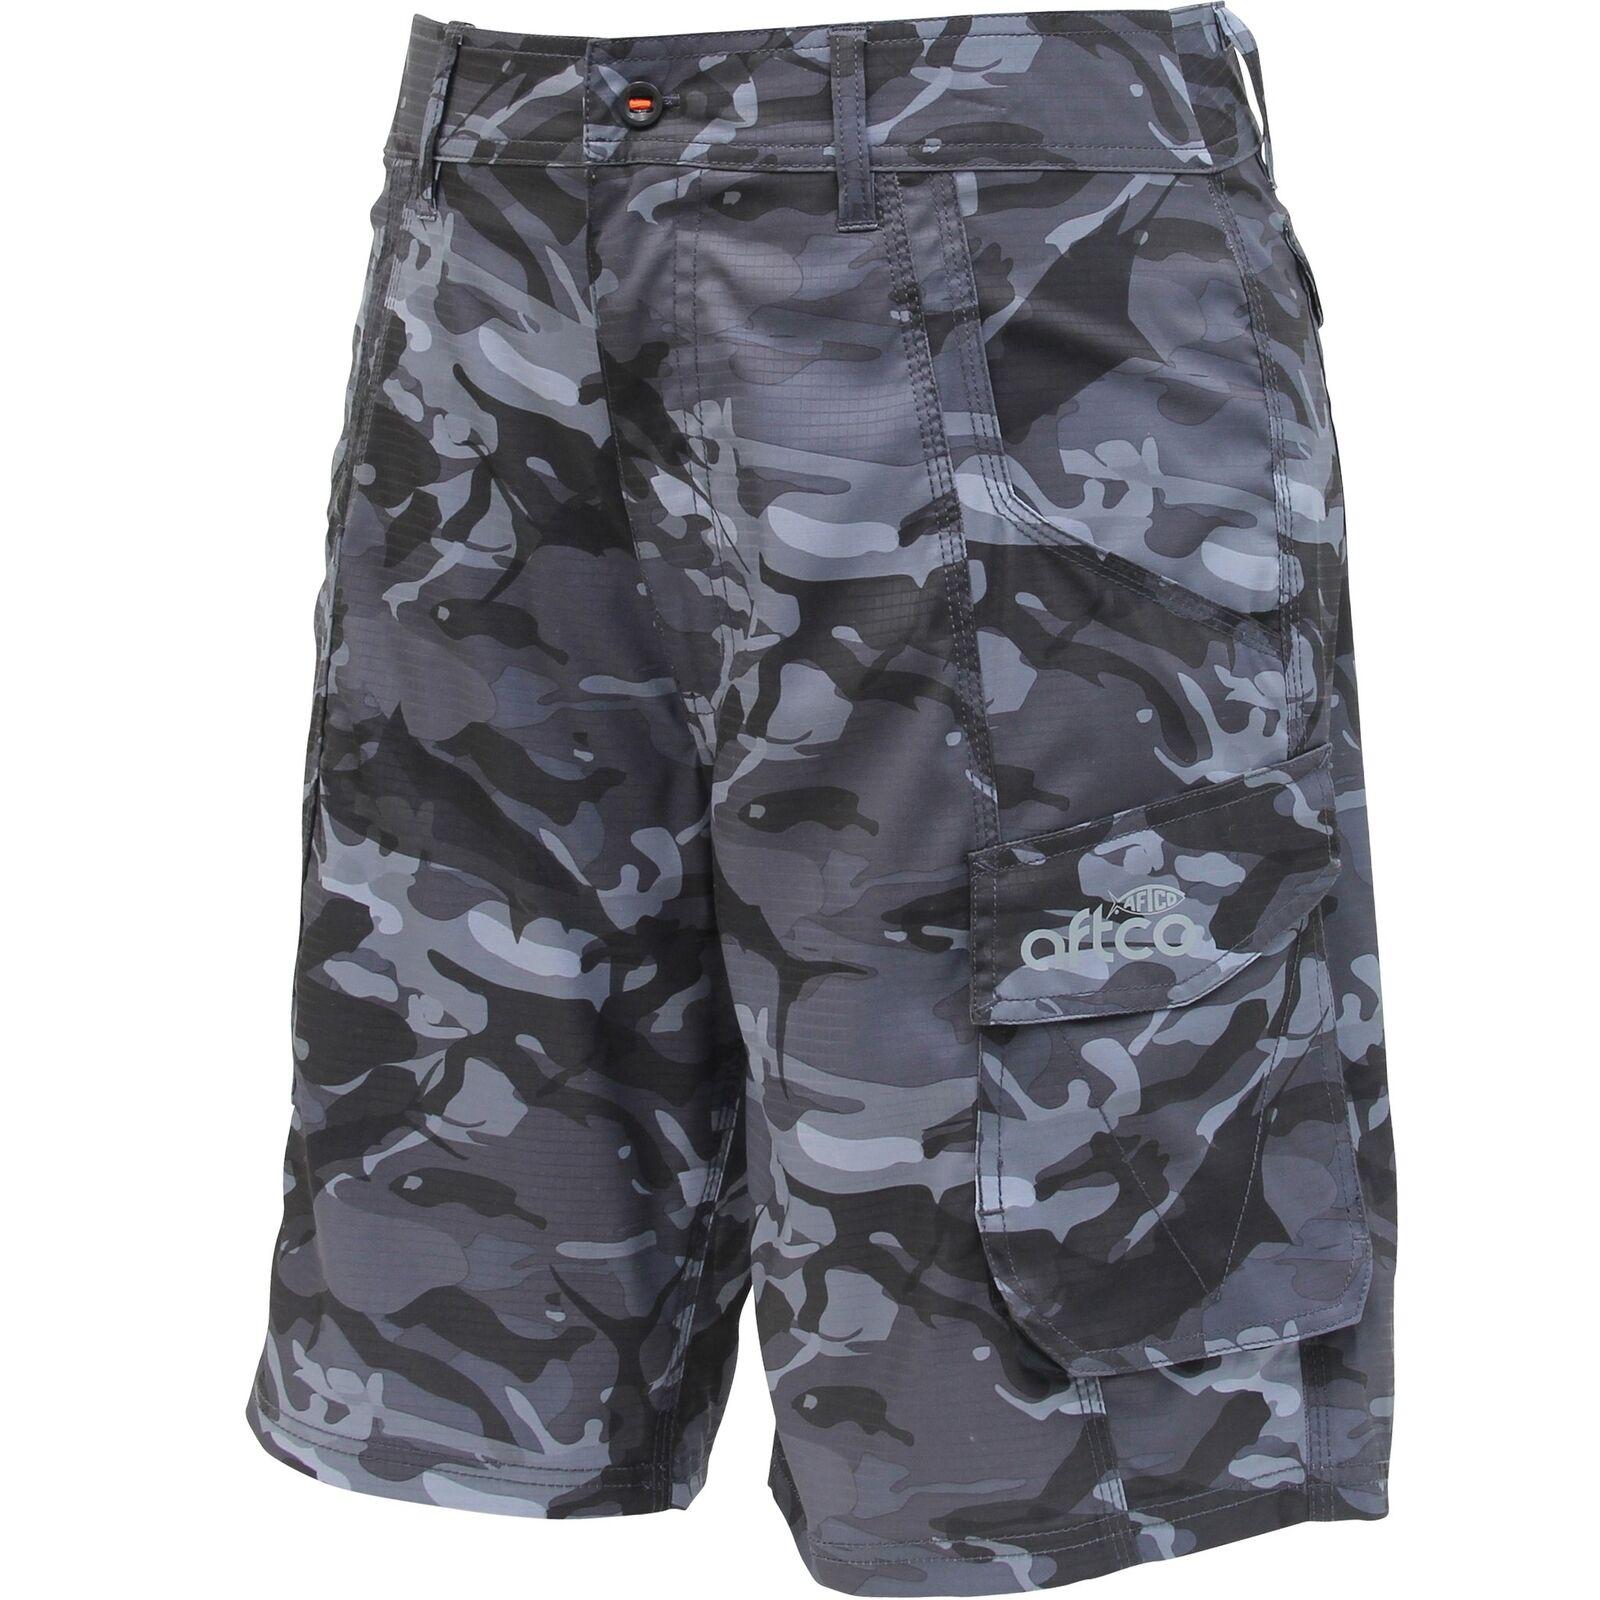 Aftco M82 Táctica Pesca Pantalones Cortos - 21  Largoitud-Negro Camo-Envío Gratuito